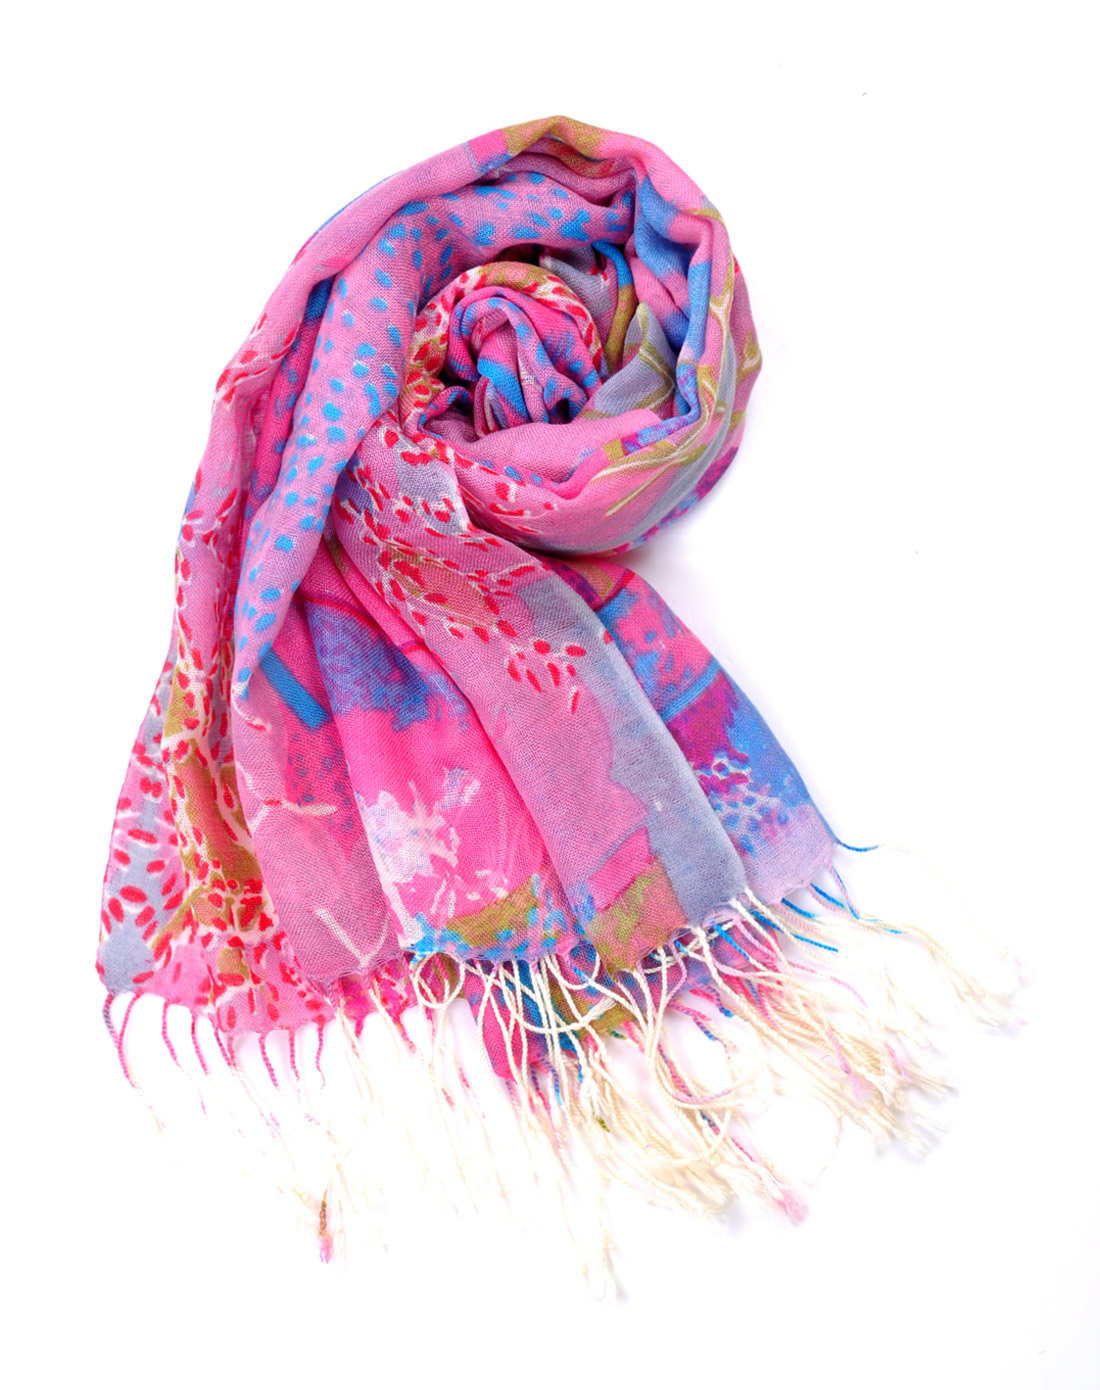 女款时尚泼墨画羊毛印花围巾粉色